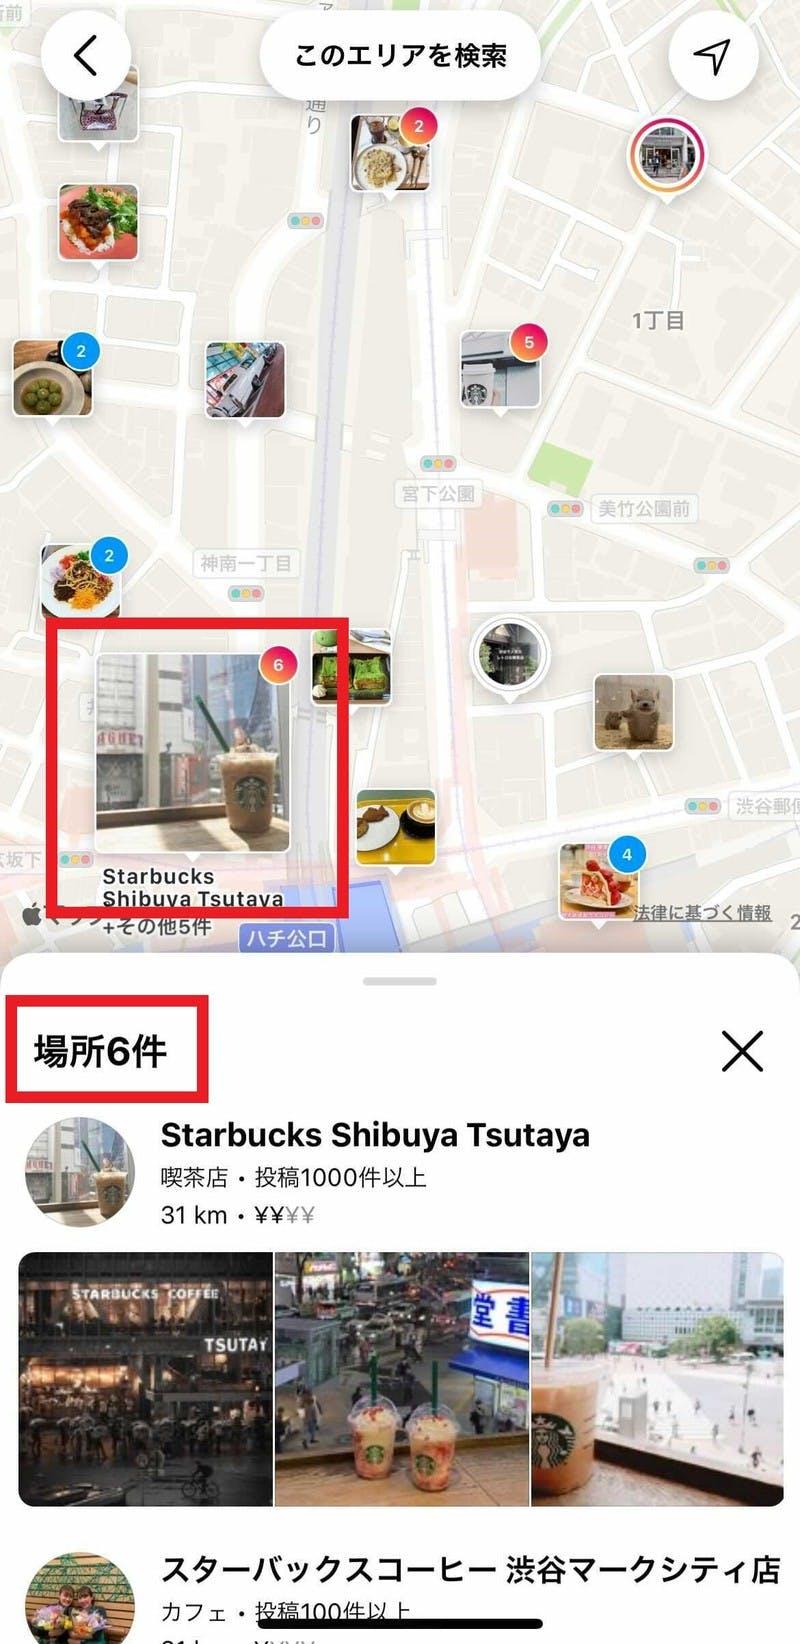 Instagramの地図検索ページで表示される複数の投稿情報